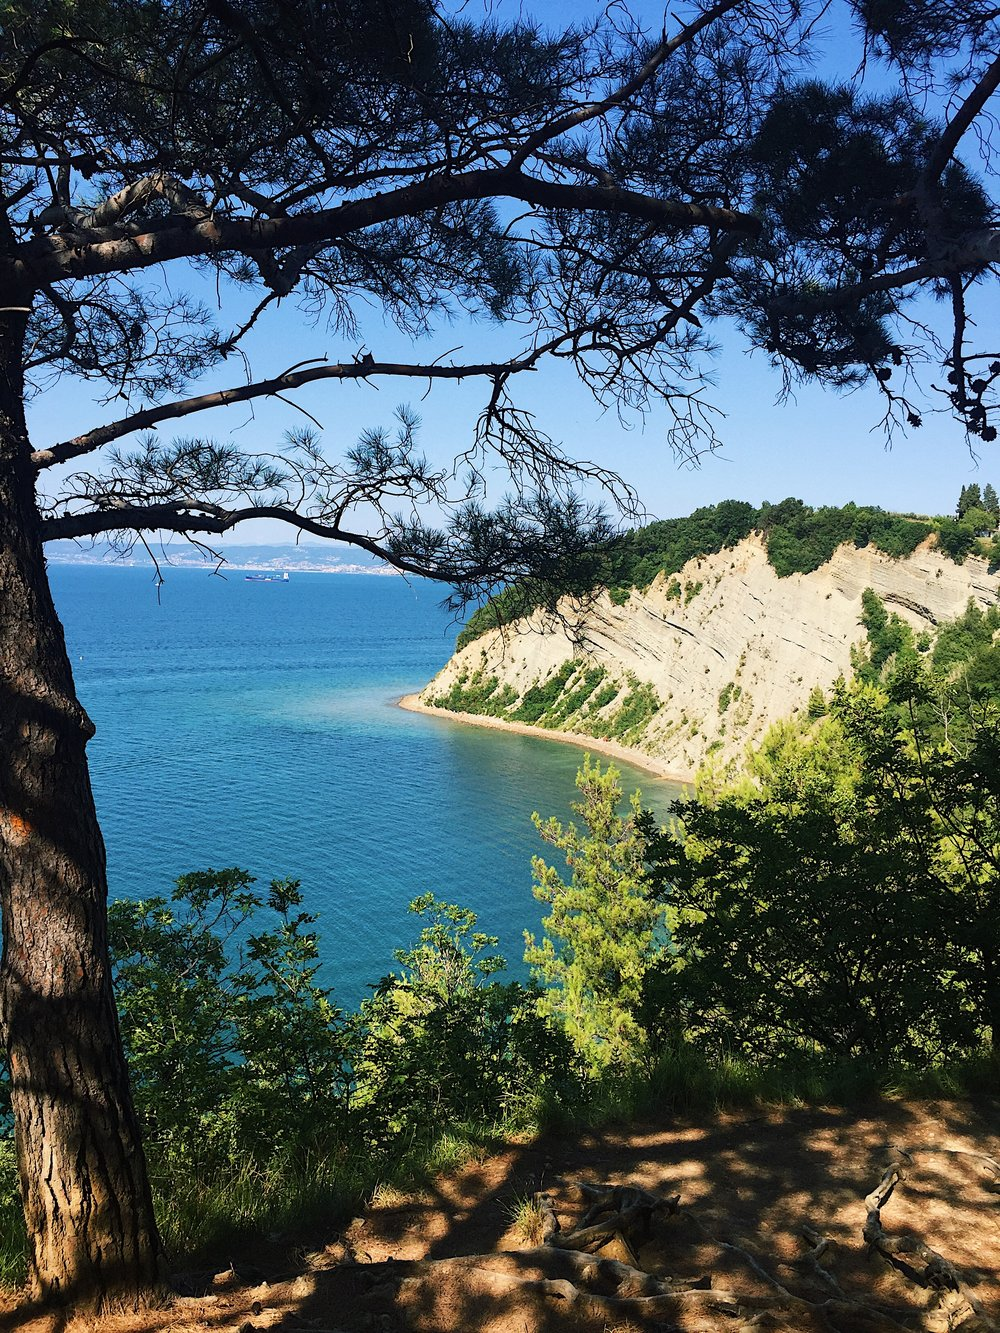 Mesecev Zaliv Beach, Strunjan National Park, Slovenia | Helena Alyssa